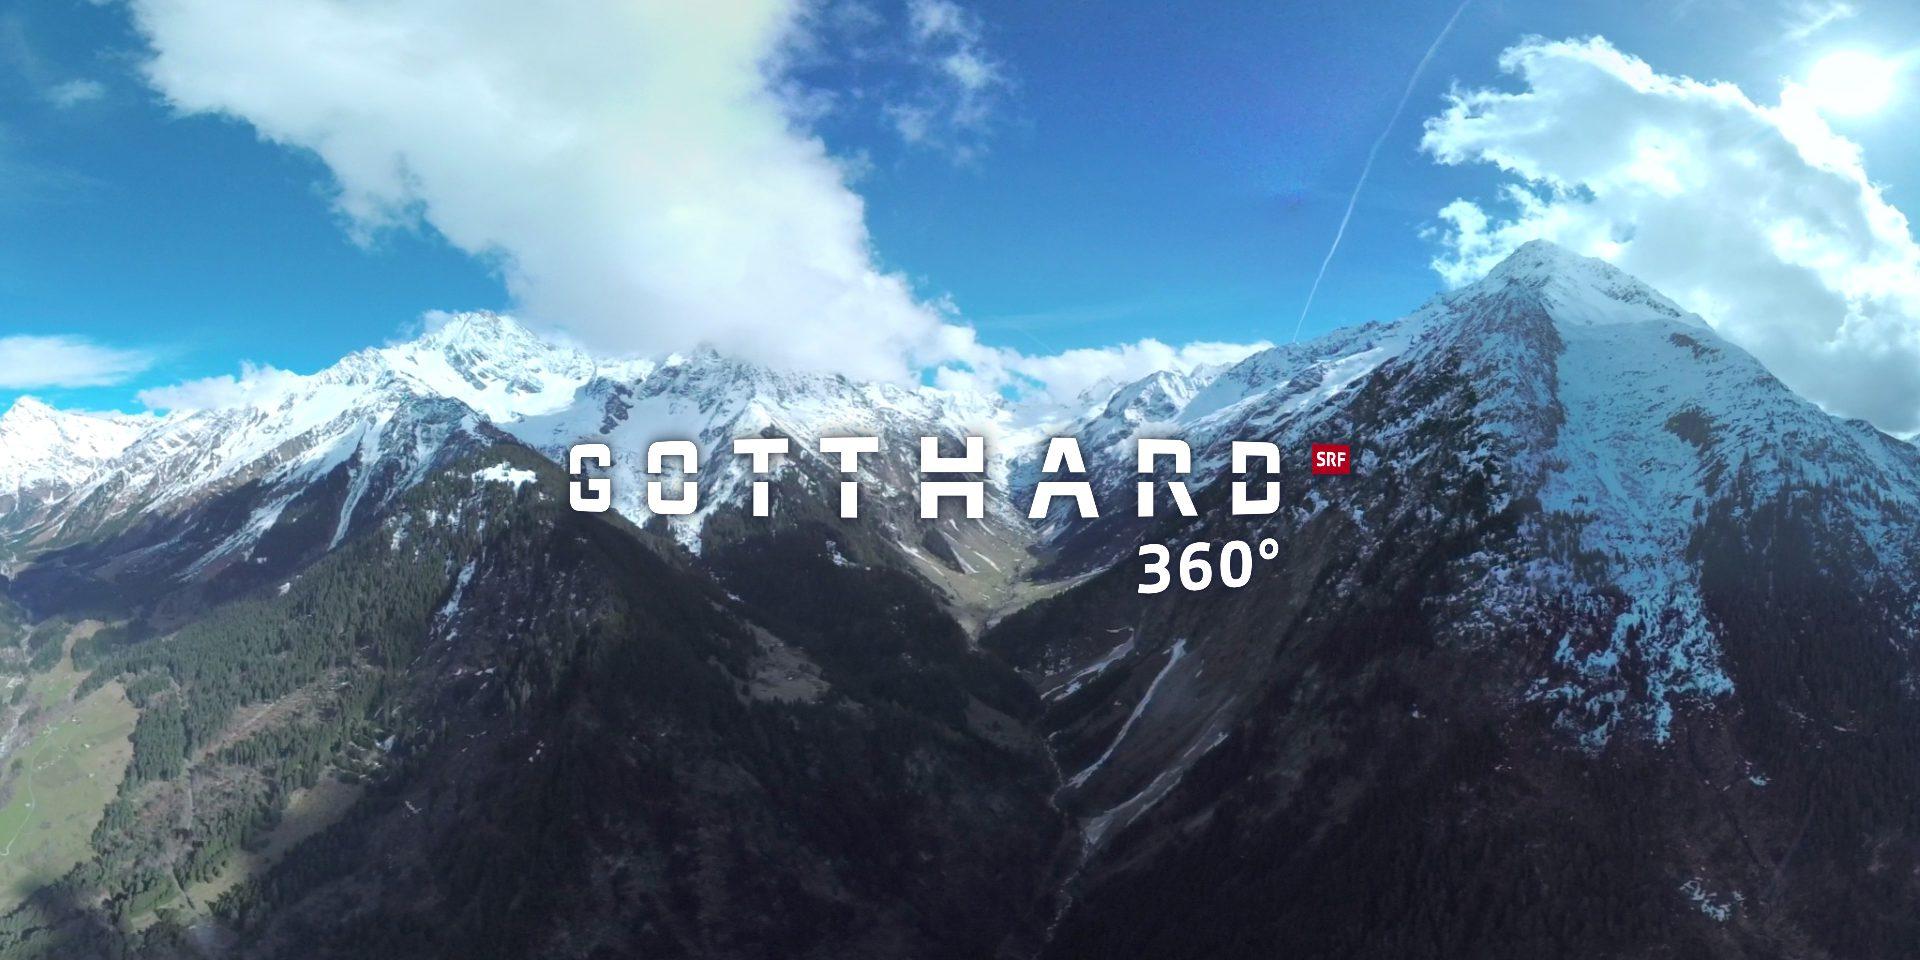 Gotthard 360°